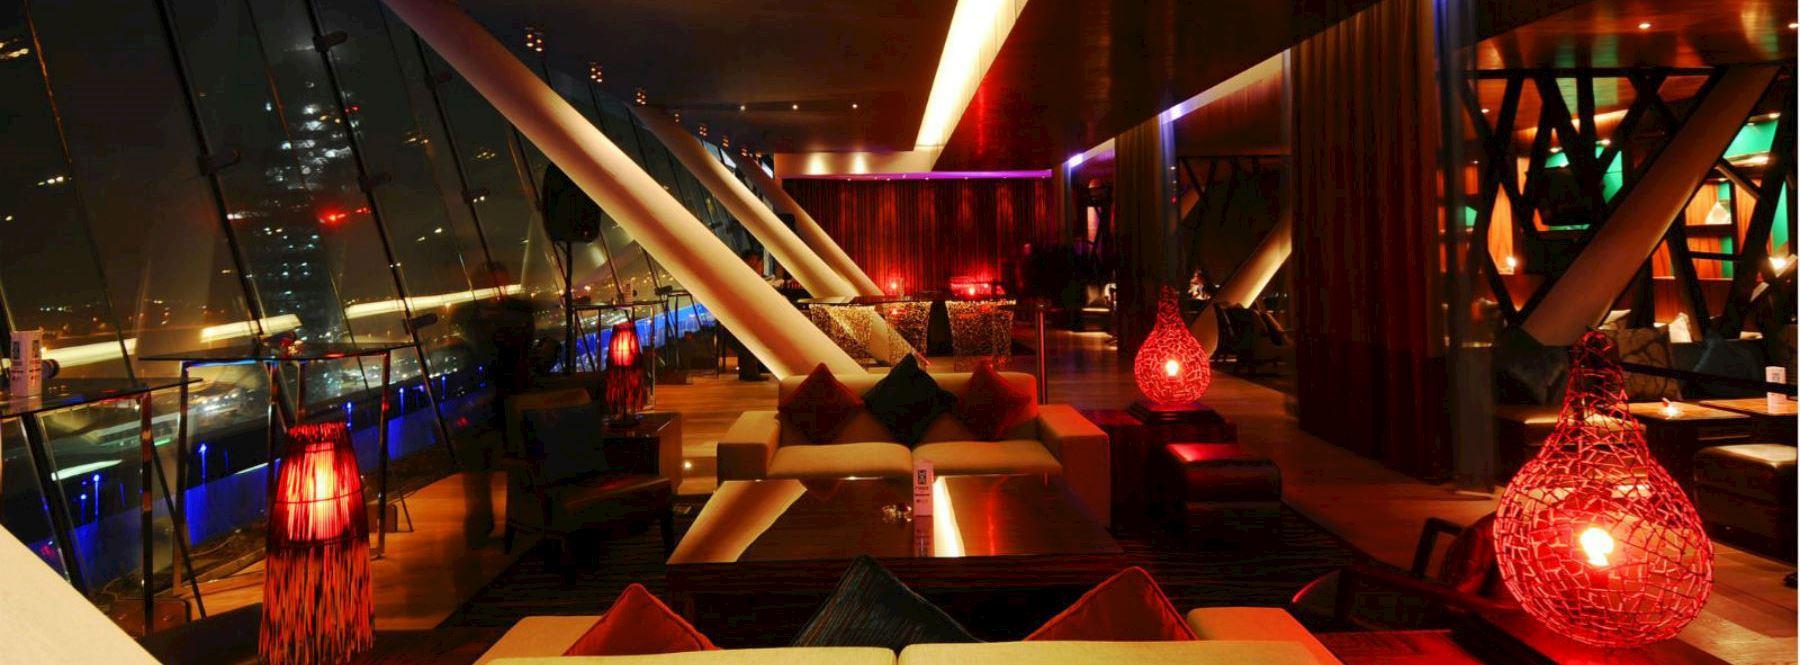 Relax at 12 Lounge - Abu-Dhabi